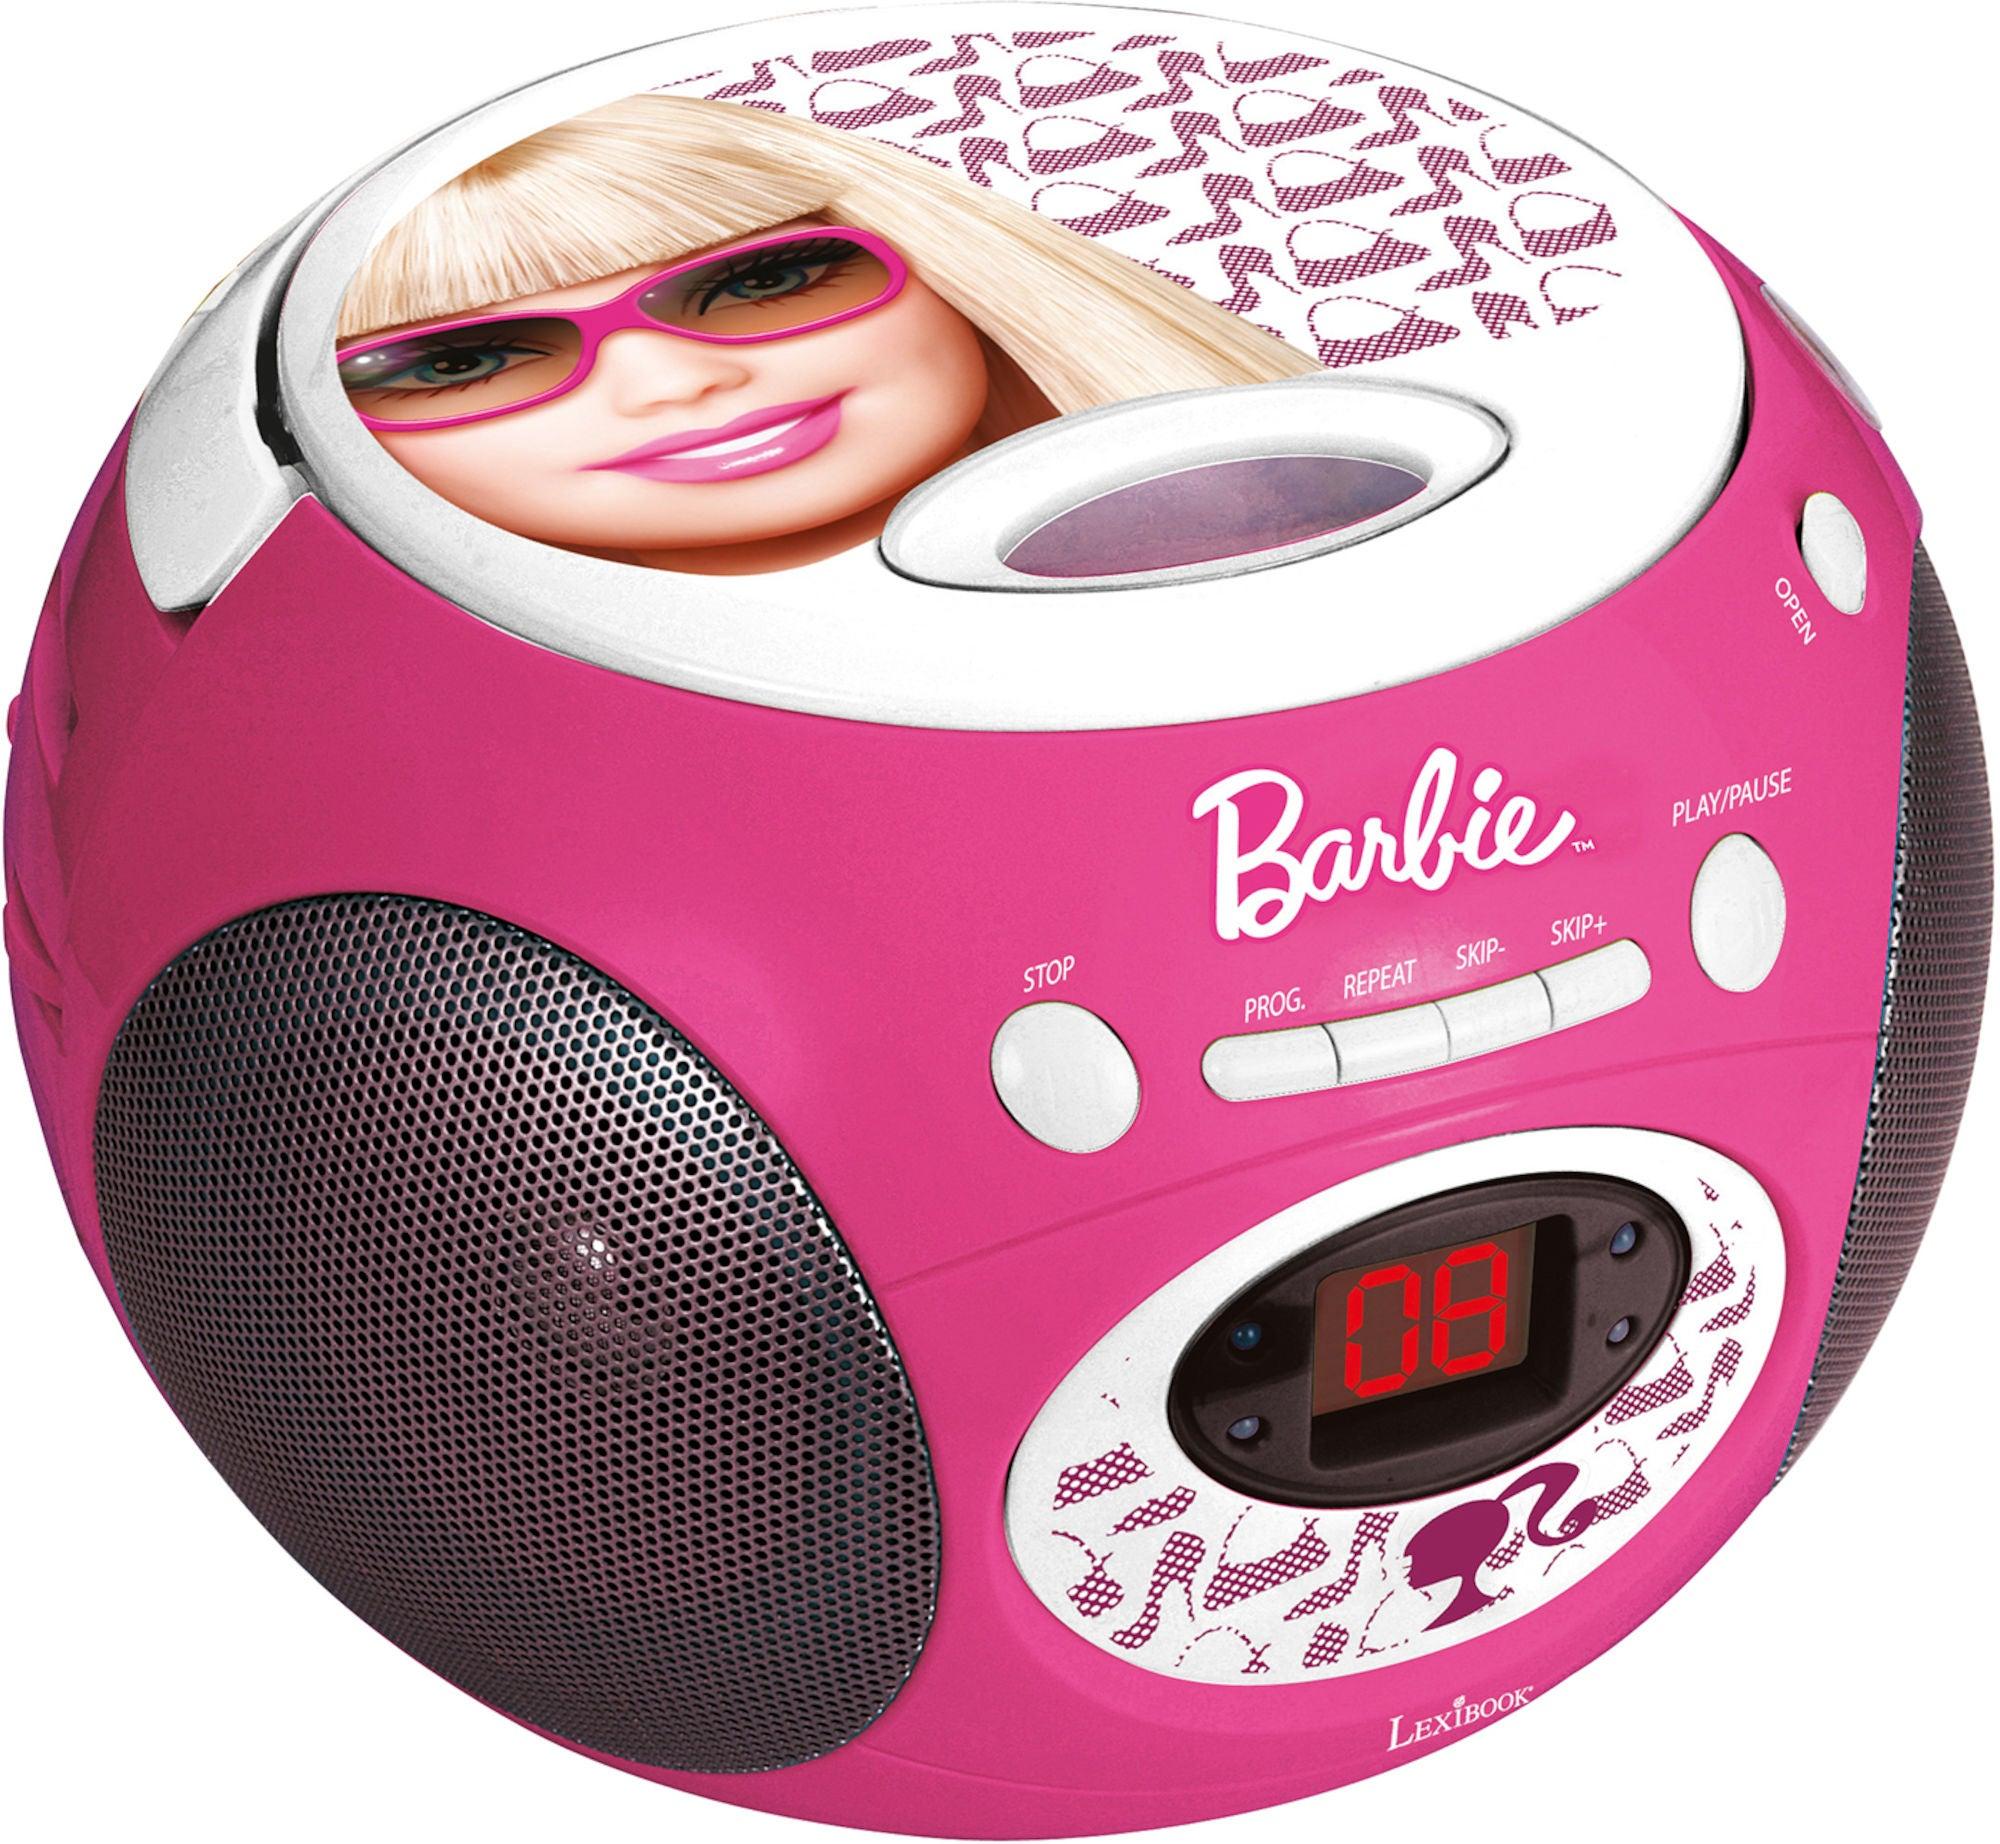 Barbie Boombox CD-spiller